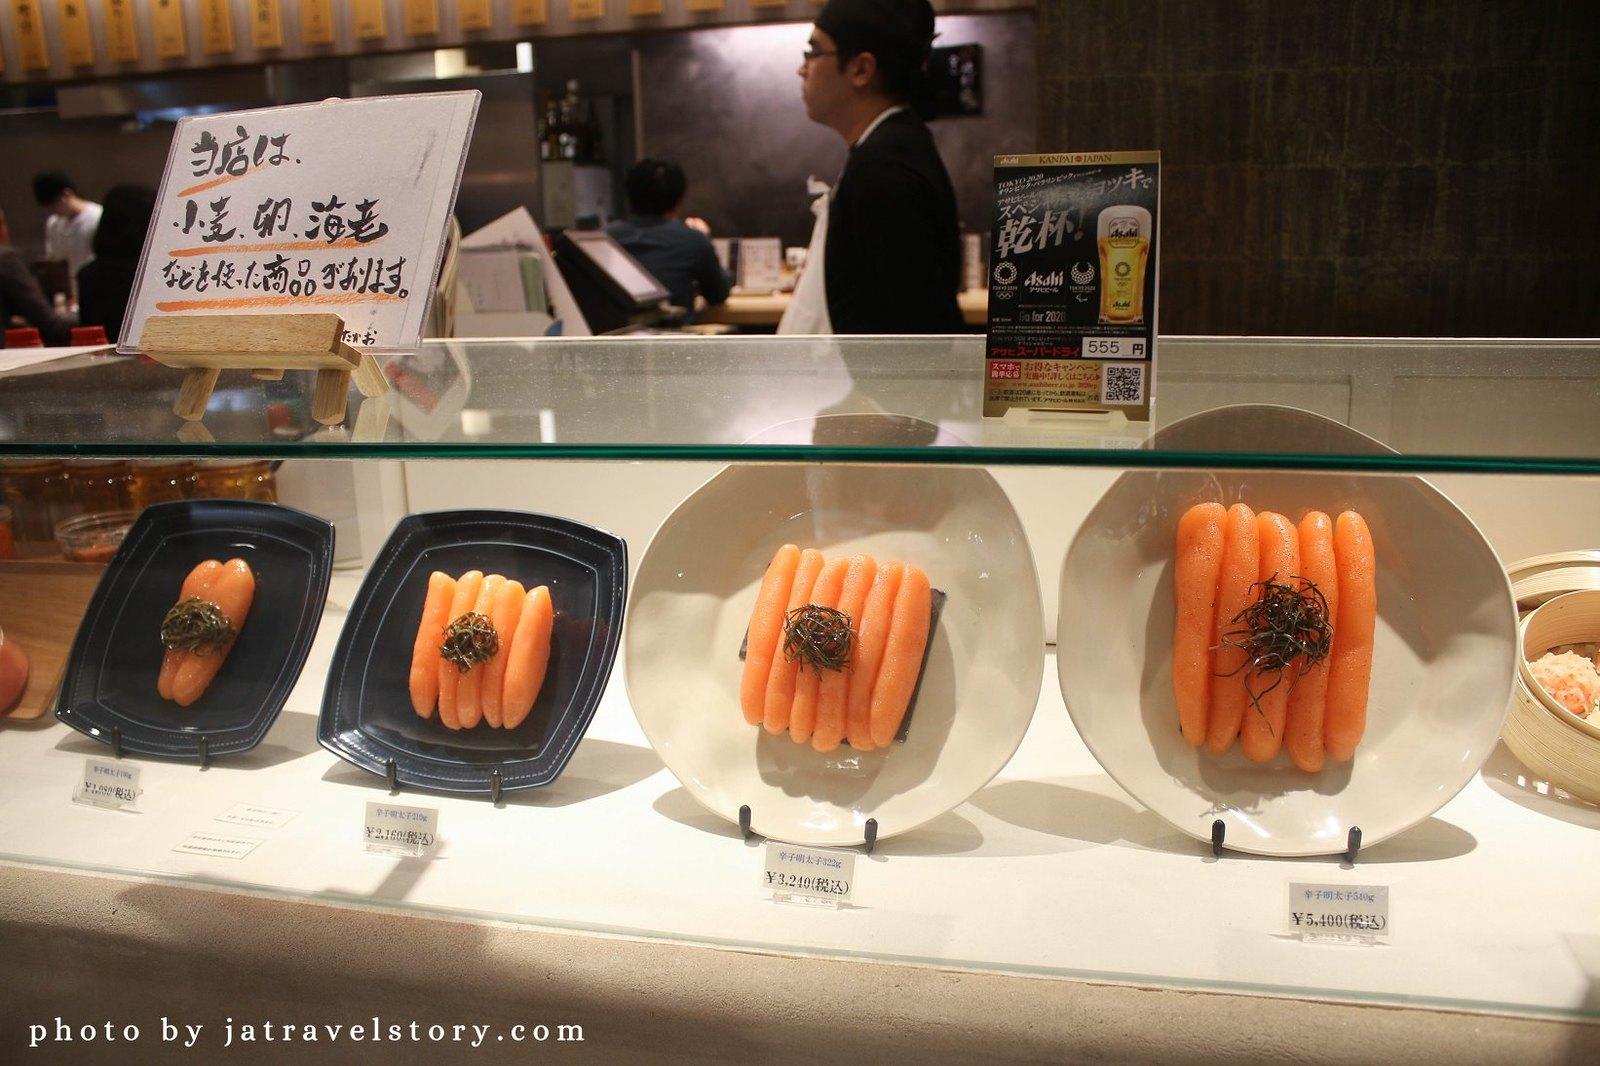 【日本岡山美食】博多天ぷらたかお 天婦羅定食 有明太子和小菜無限量免費吃到飽! @J&A的旅行